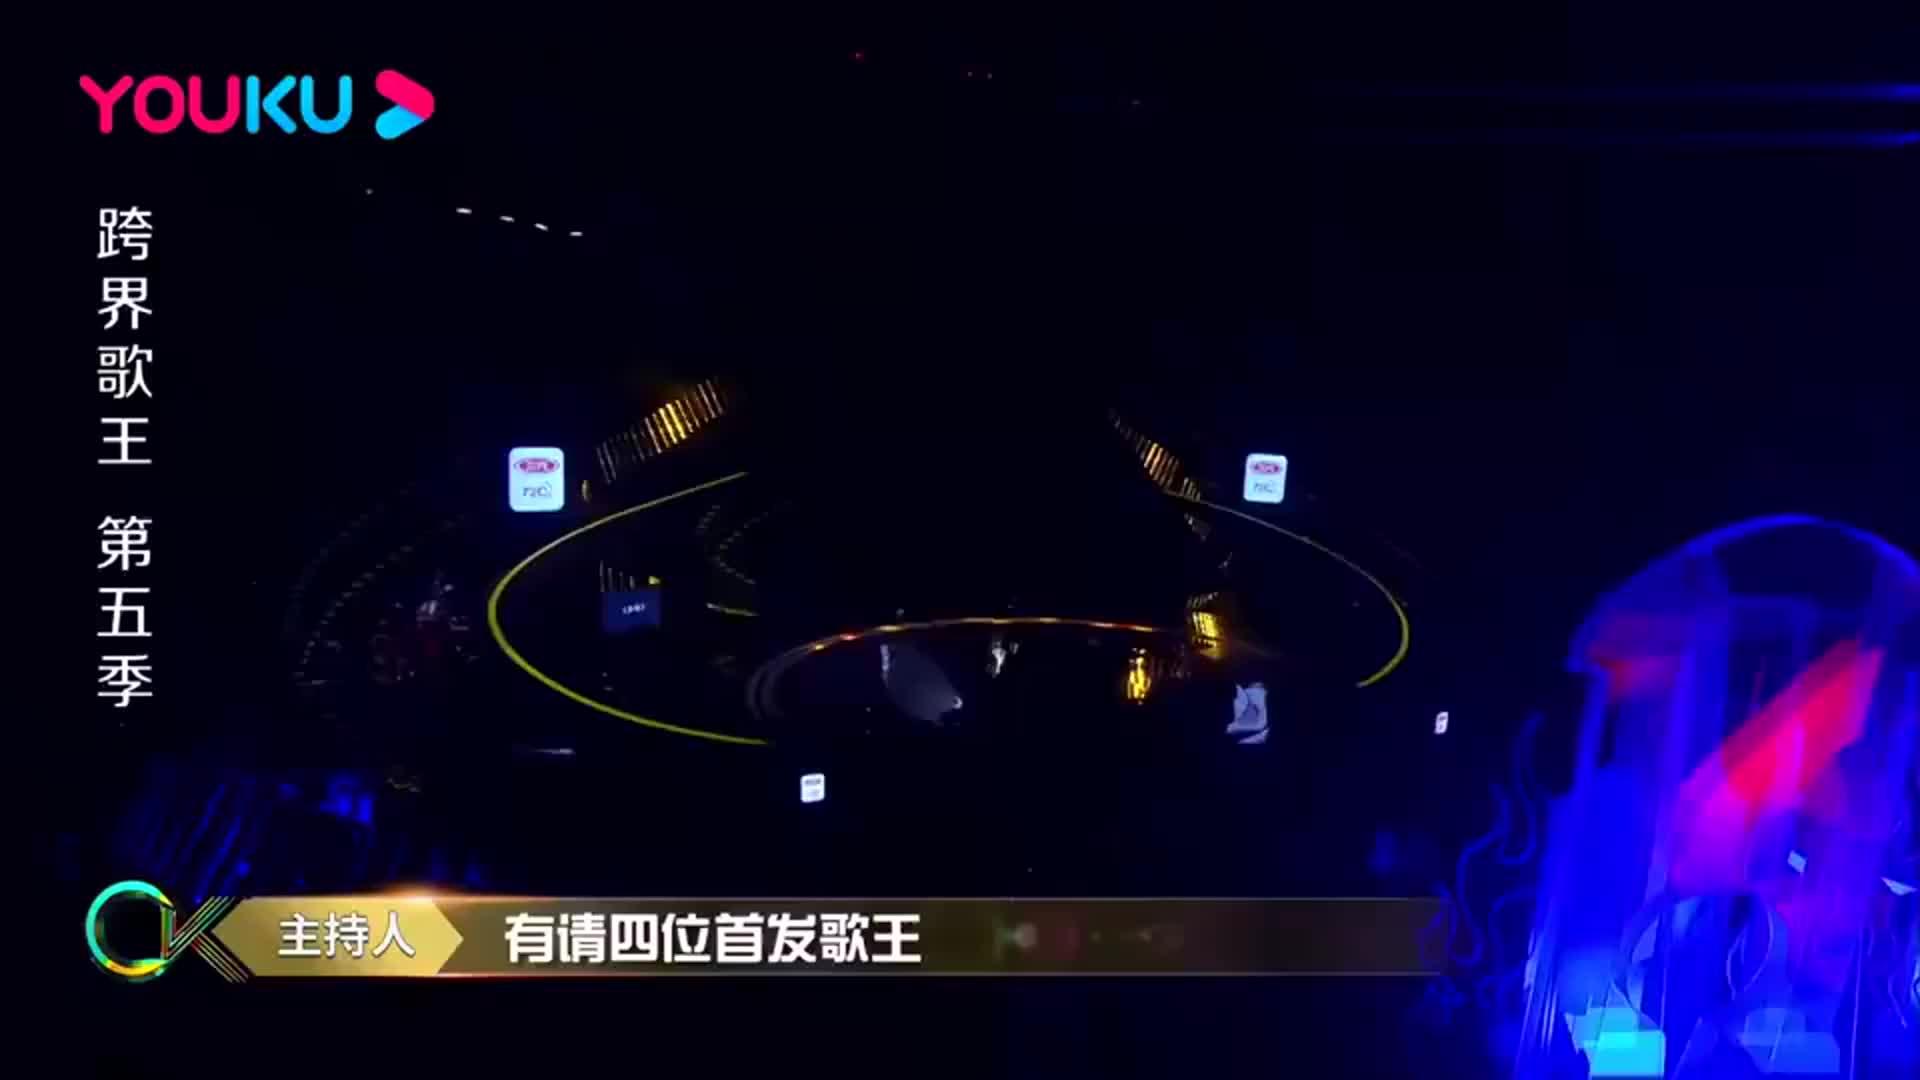 跨界歌王-三大歌王和声《少年》,李小萌一开口,比原唱还好听!